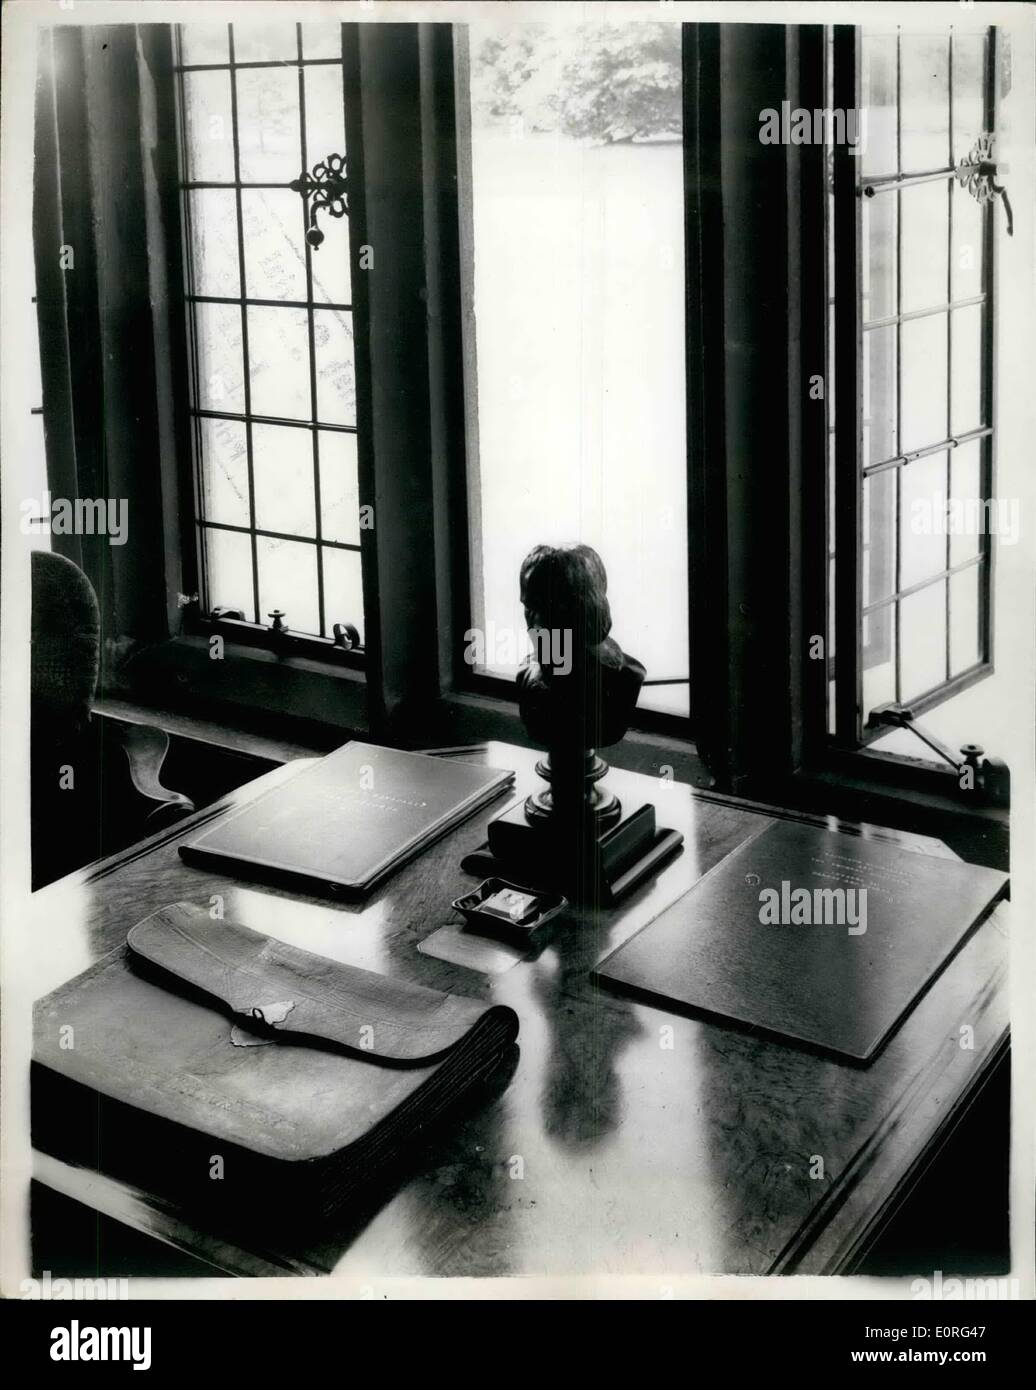 Agosto 08, 1959 - foto oficial de la corona británica - RESERVADOS TODOS LOS DERECHOS. La larga galería en Chequers donde el presidente Eisenhower y el Sr. MACMILLAN SE CONFERR. Cuando el Presidente Eisenhower va a Chequers para sus conversaciones con el Primer Ministro que se confieren en la famosa Galería larga. Esta es una de las primeras habitaciones de la casa. En las paredes se encuentran los retratos de los antiguos propietarios de las damas y también hay muchas reliquias de Oliver Cromwell en la habitación Foto de stock